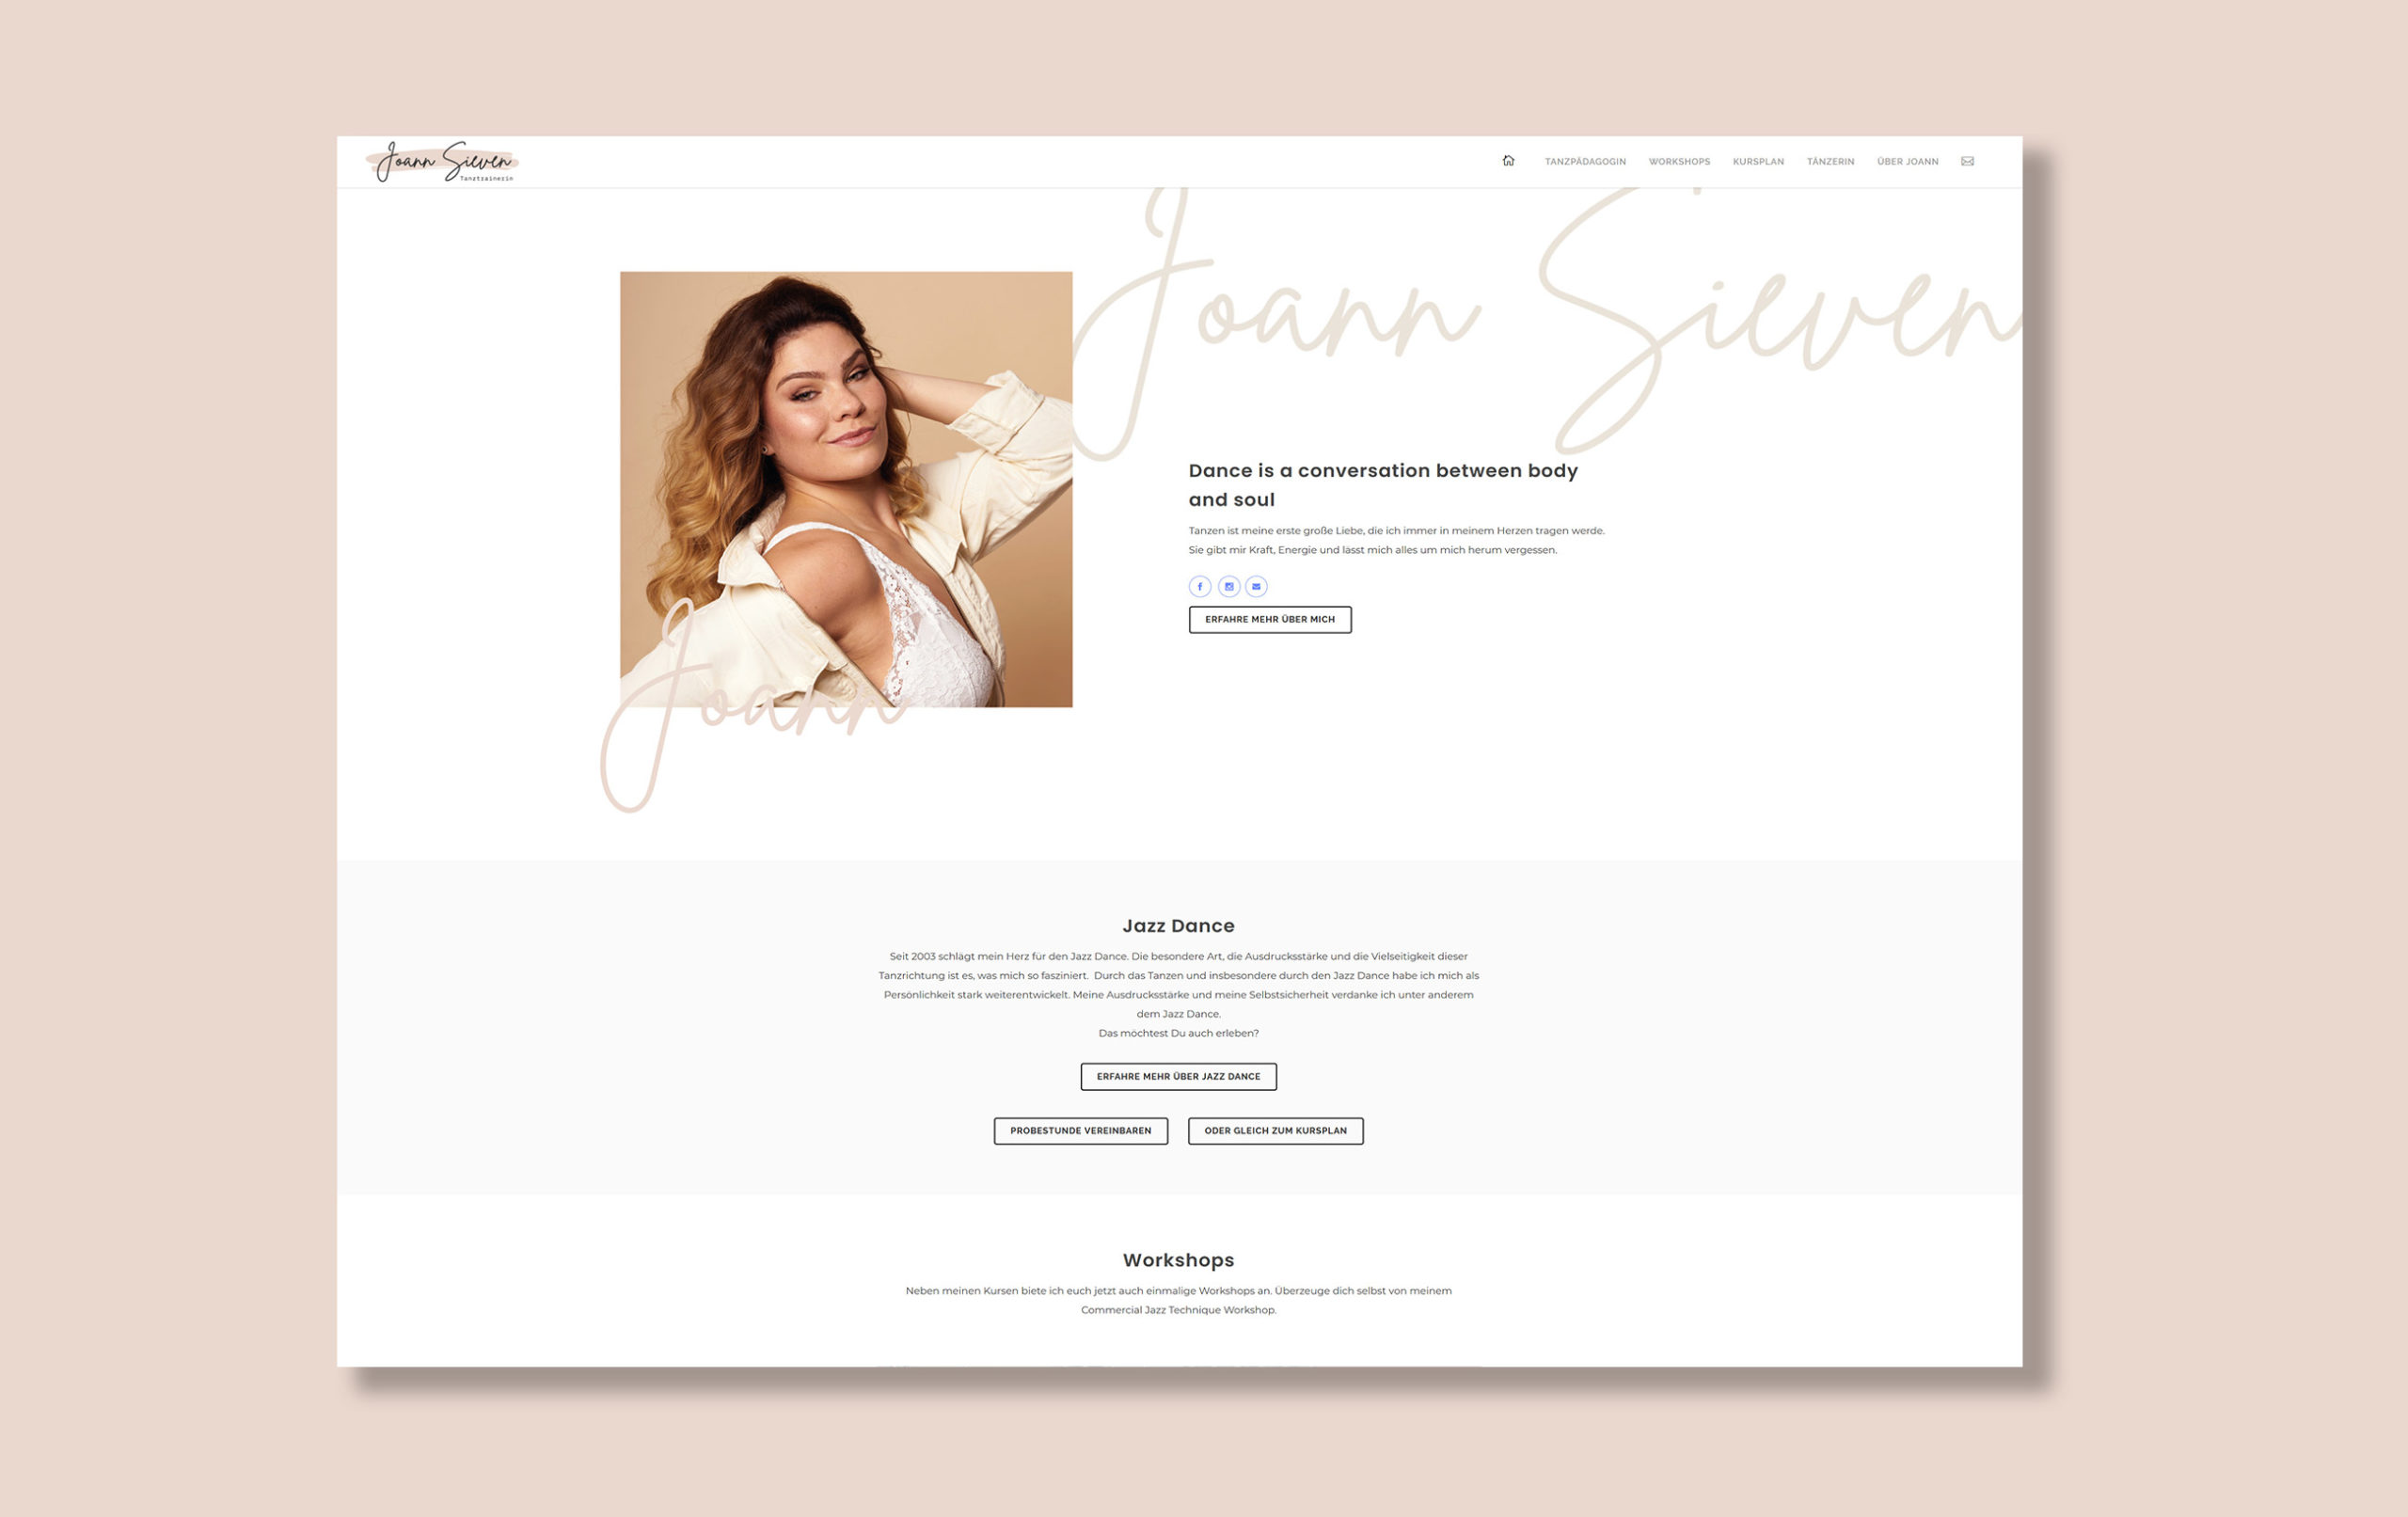 Webdesign für Joann Sieven - Kontaktseite